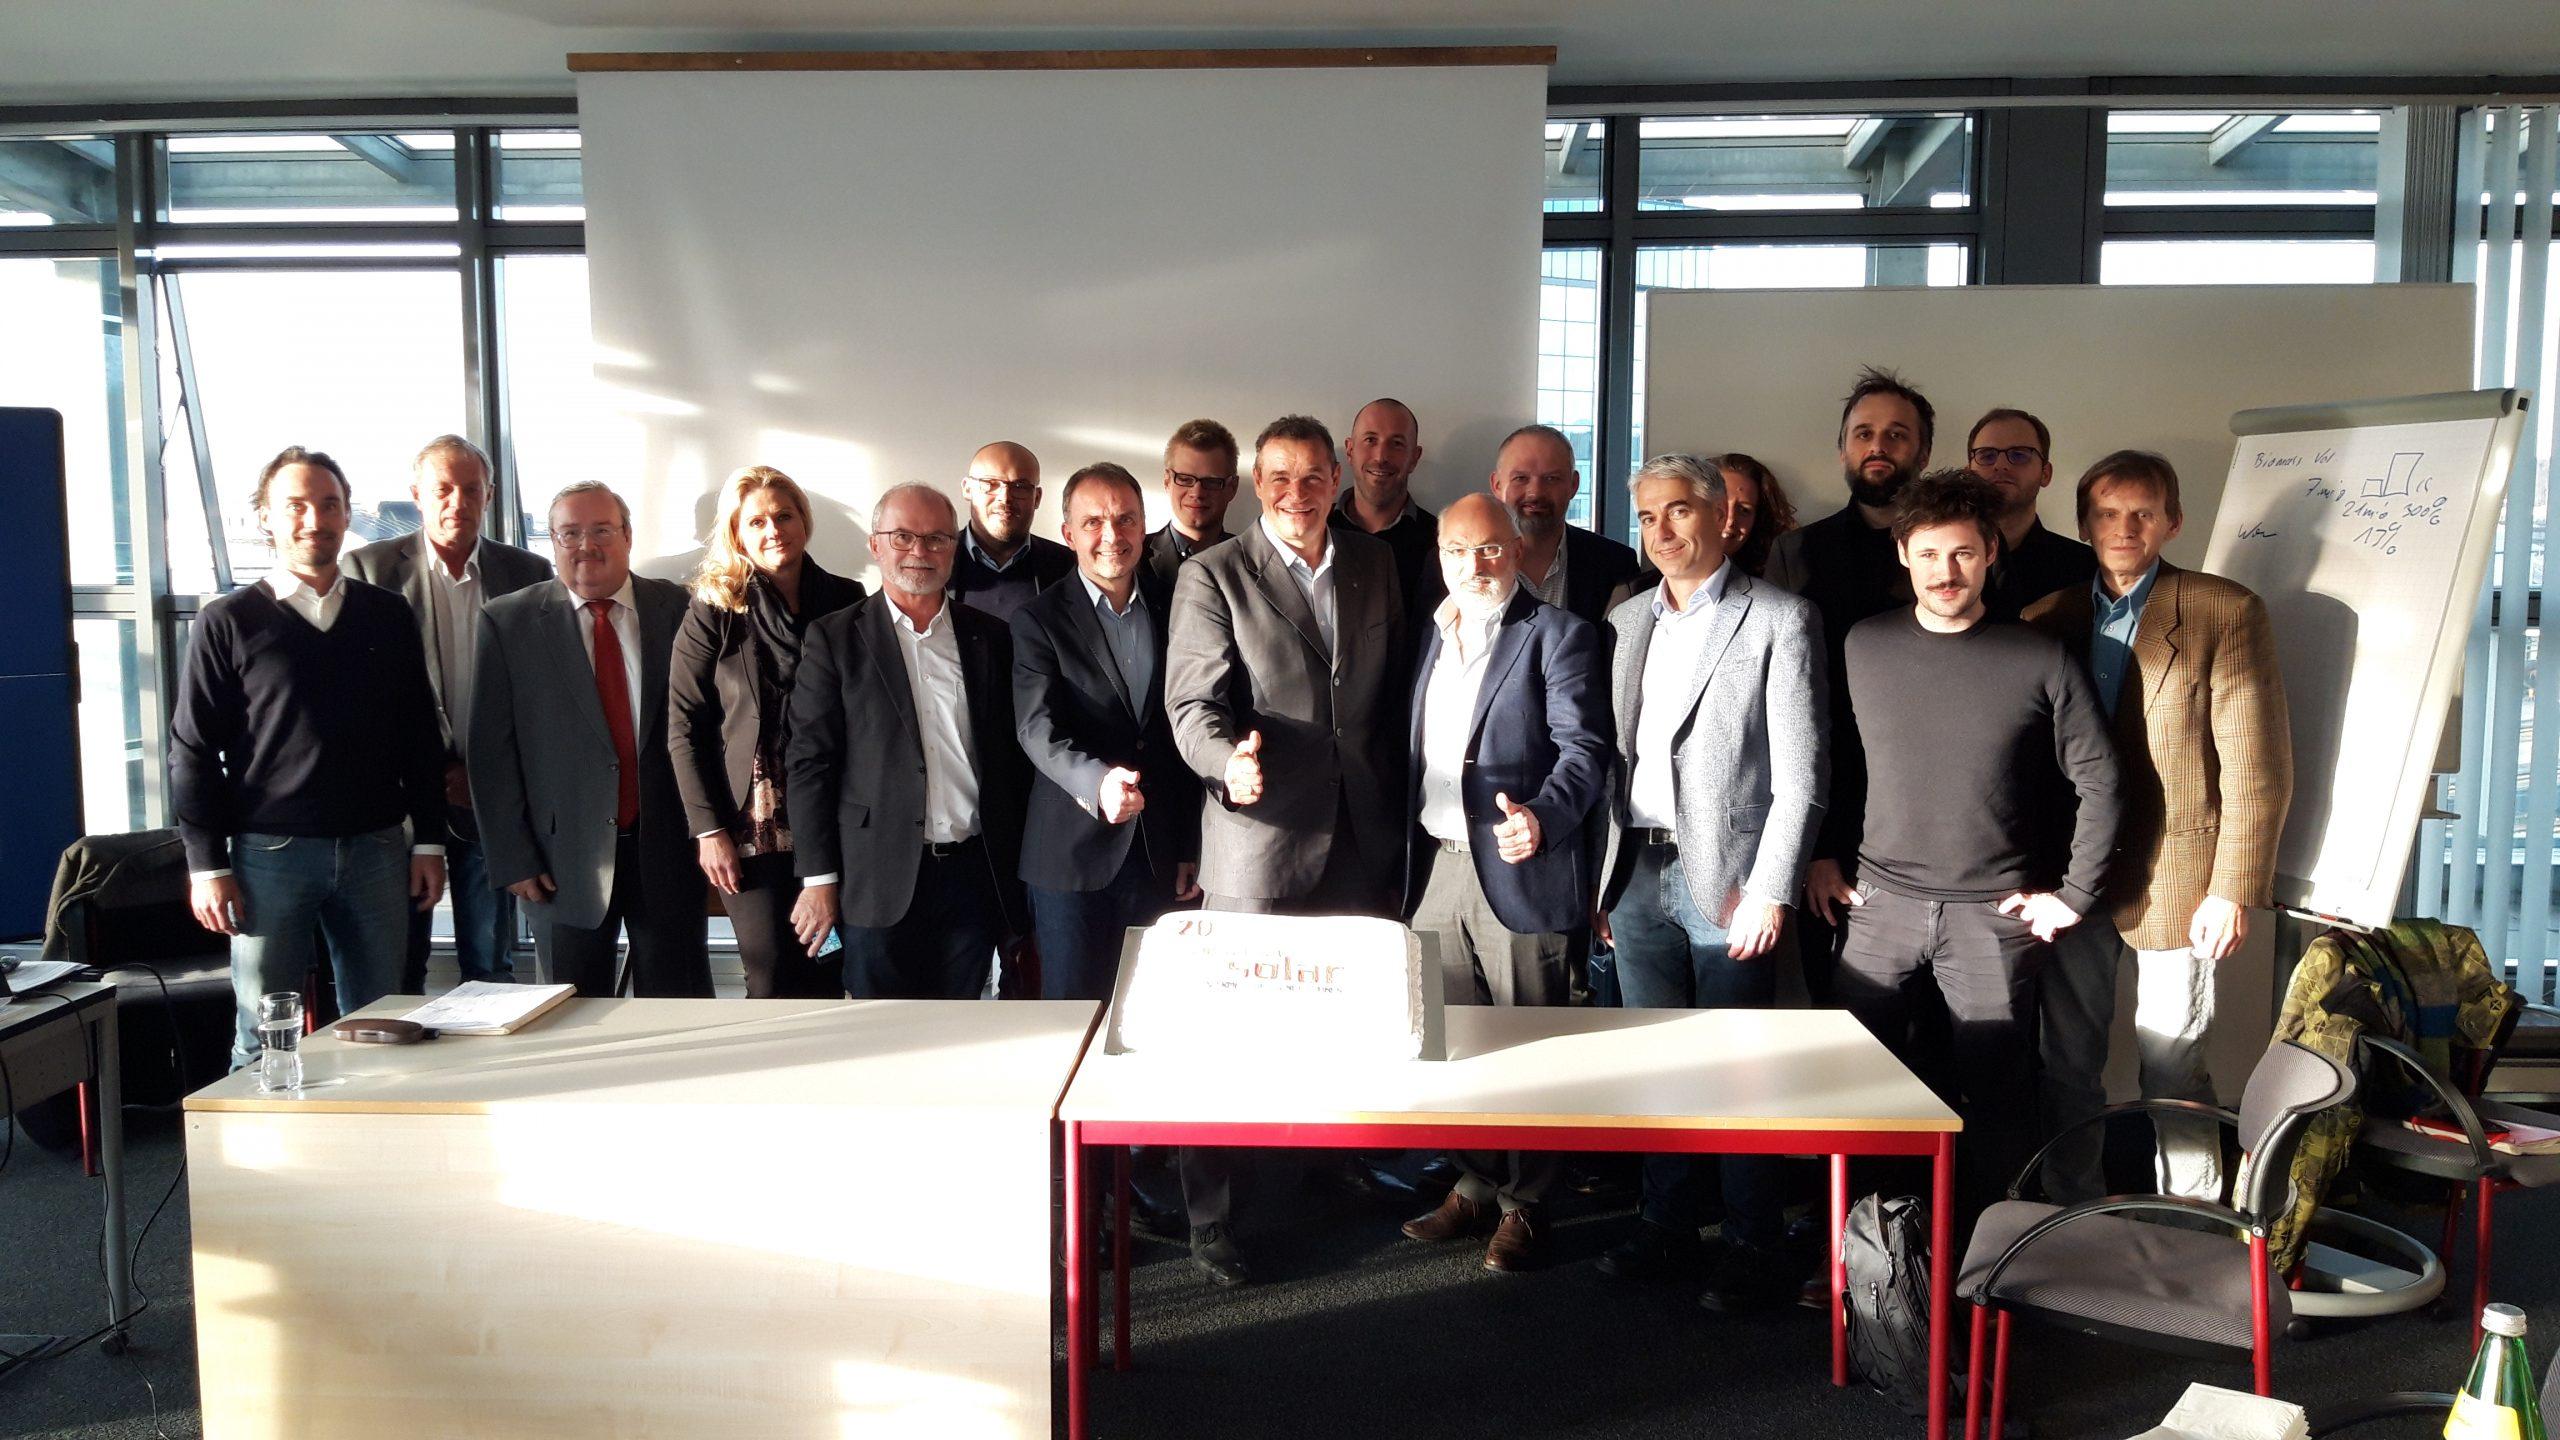 Austria Solar Mitglieder mit Torte 20 Jahre Jubiläum